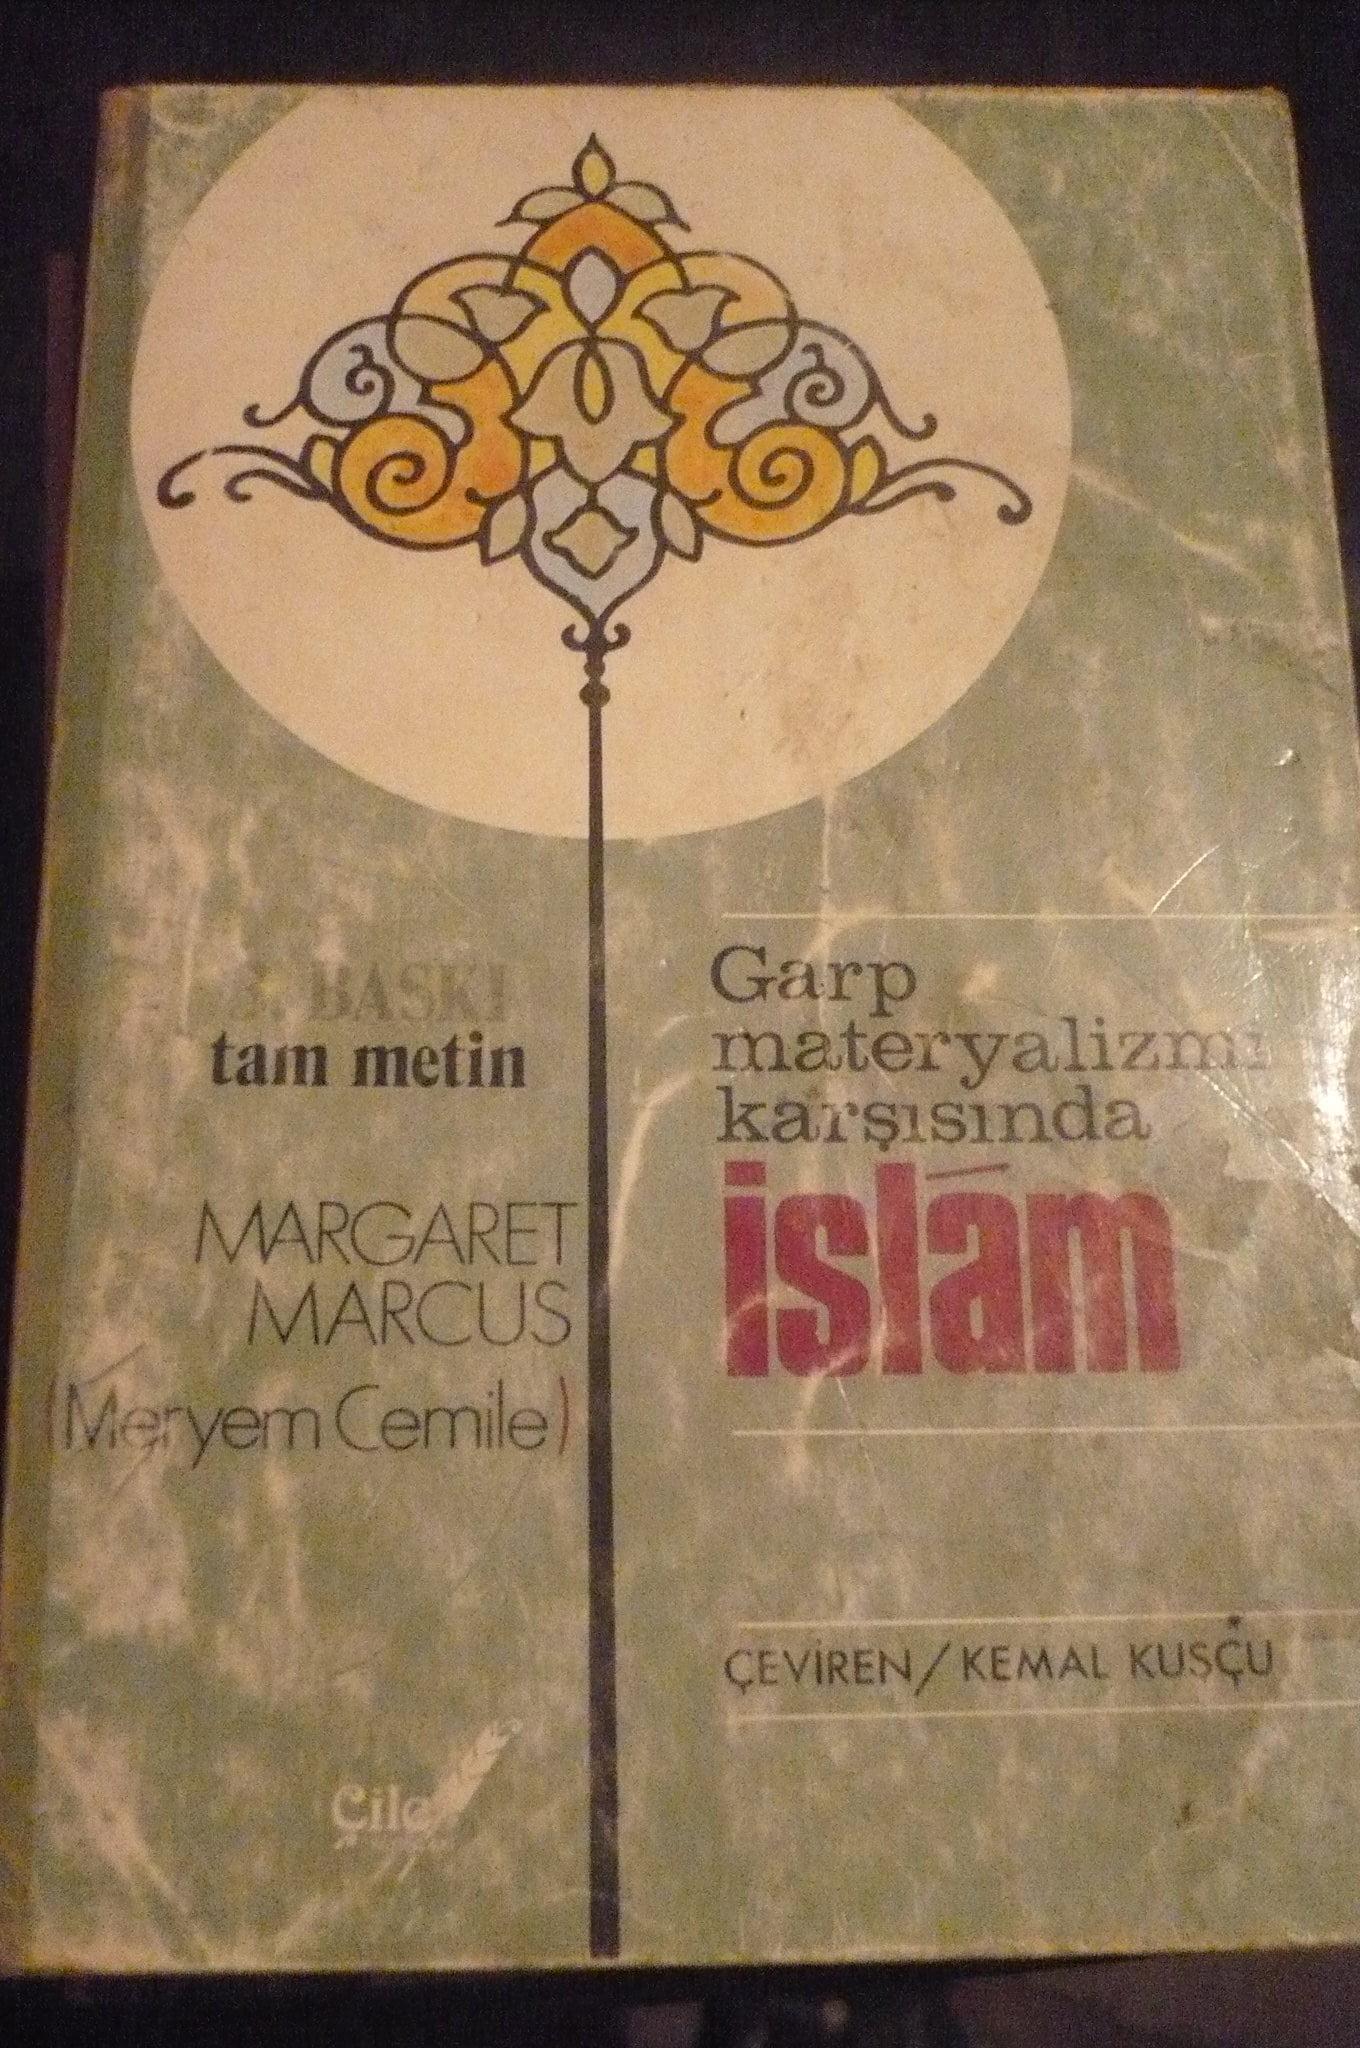 GARP MATERYALİZMİ KARŞISINDA İSLAM/Meryem Cemile